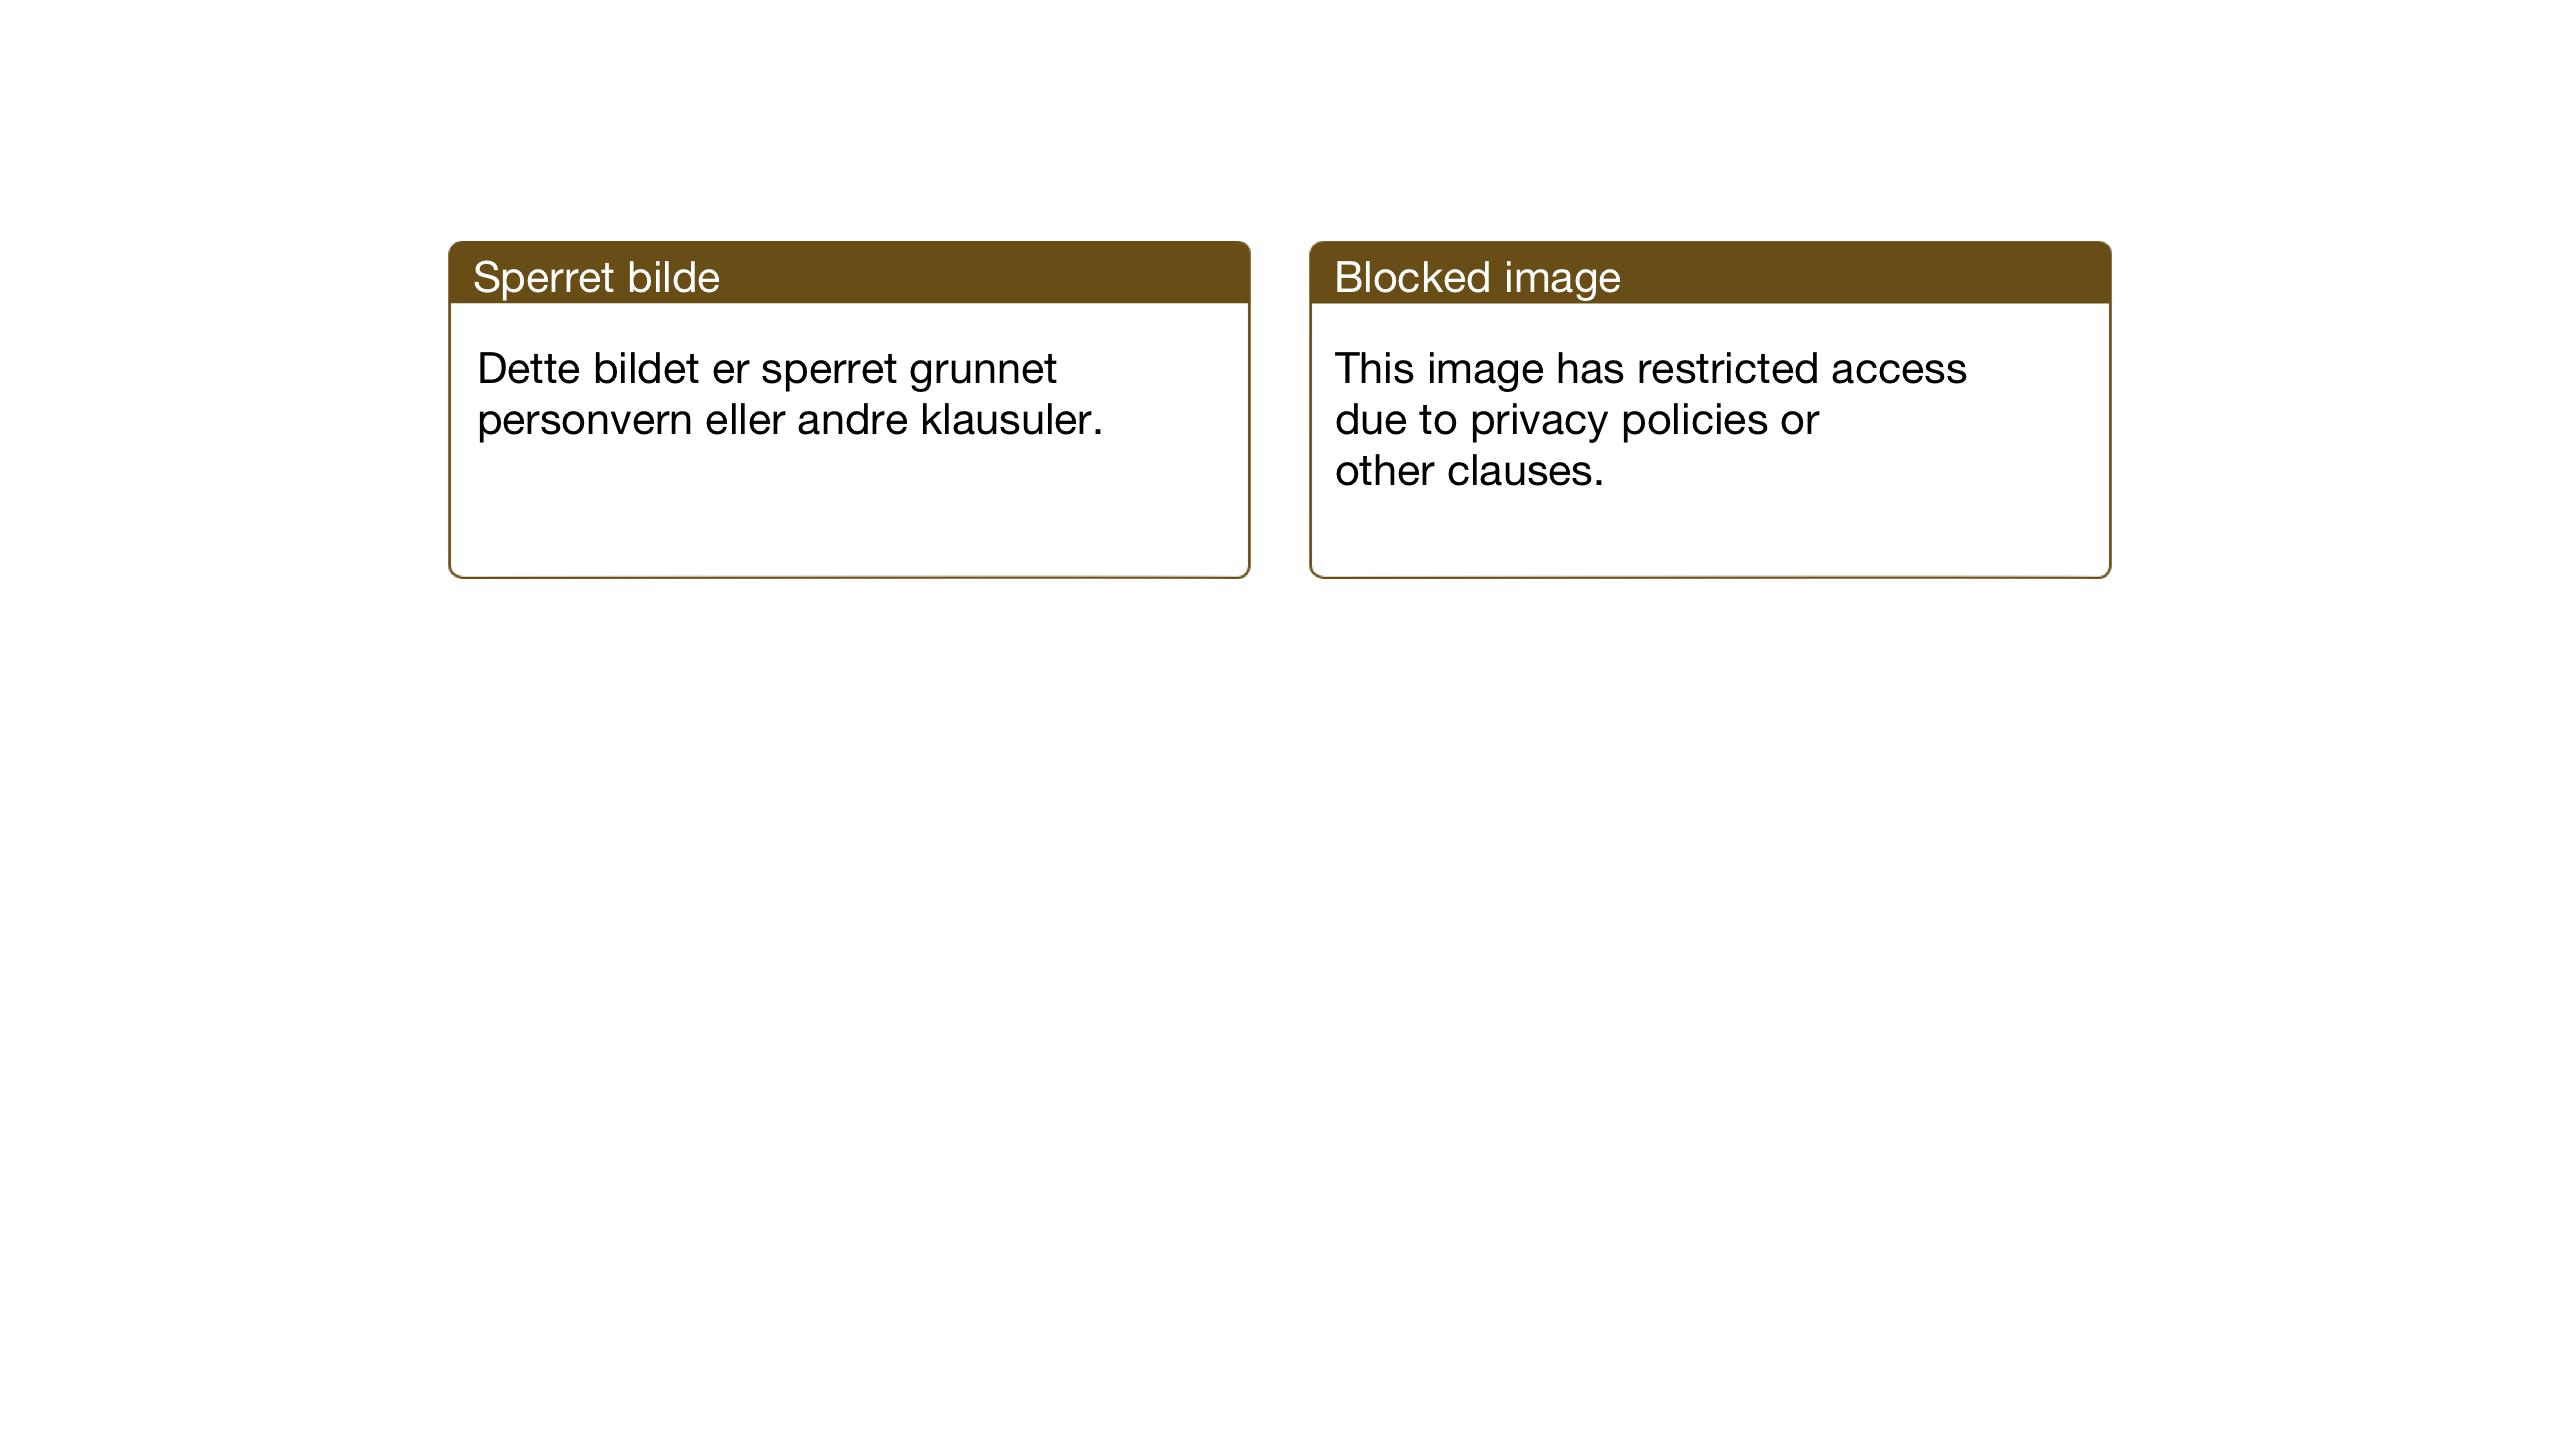 SAT, Ministerialprotokoller, klokkerbøker og fødselsregistre - Sør-Trøndelag, 669/L0832: Klokkerbok nr. 669C02, 1925-1953, s. 31